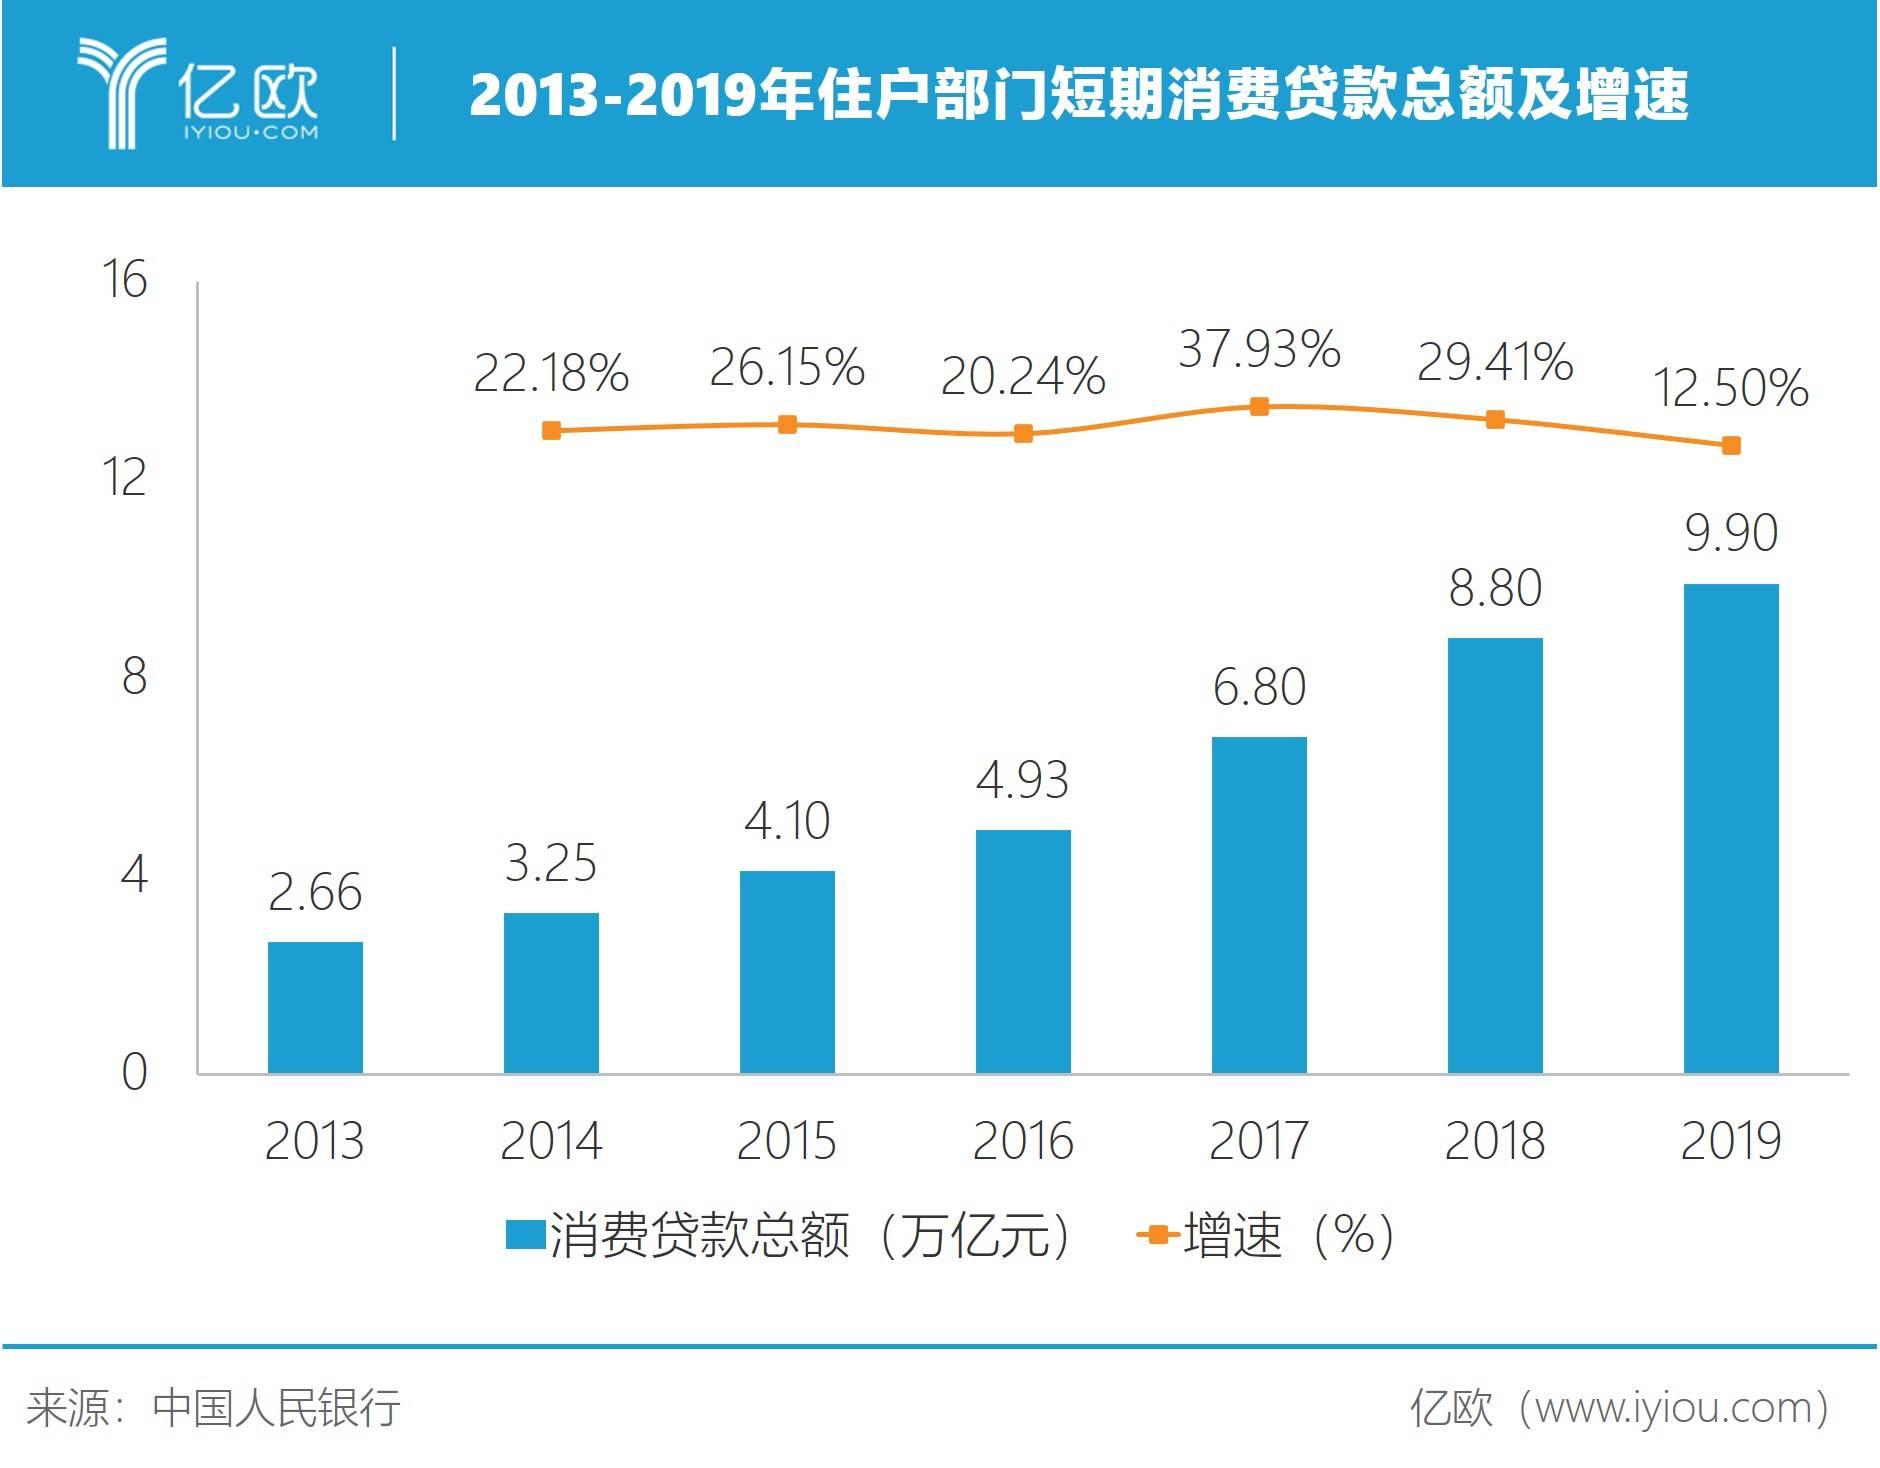 2013-2019年住户部分短期消耗贷款总额及增速